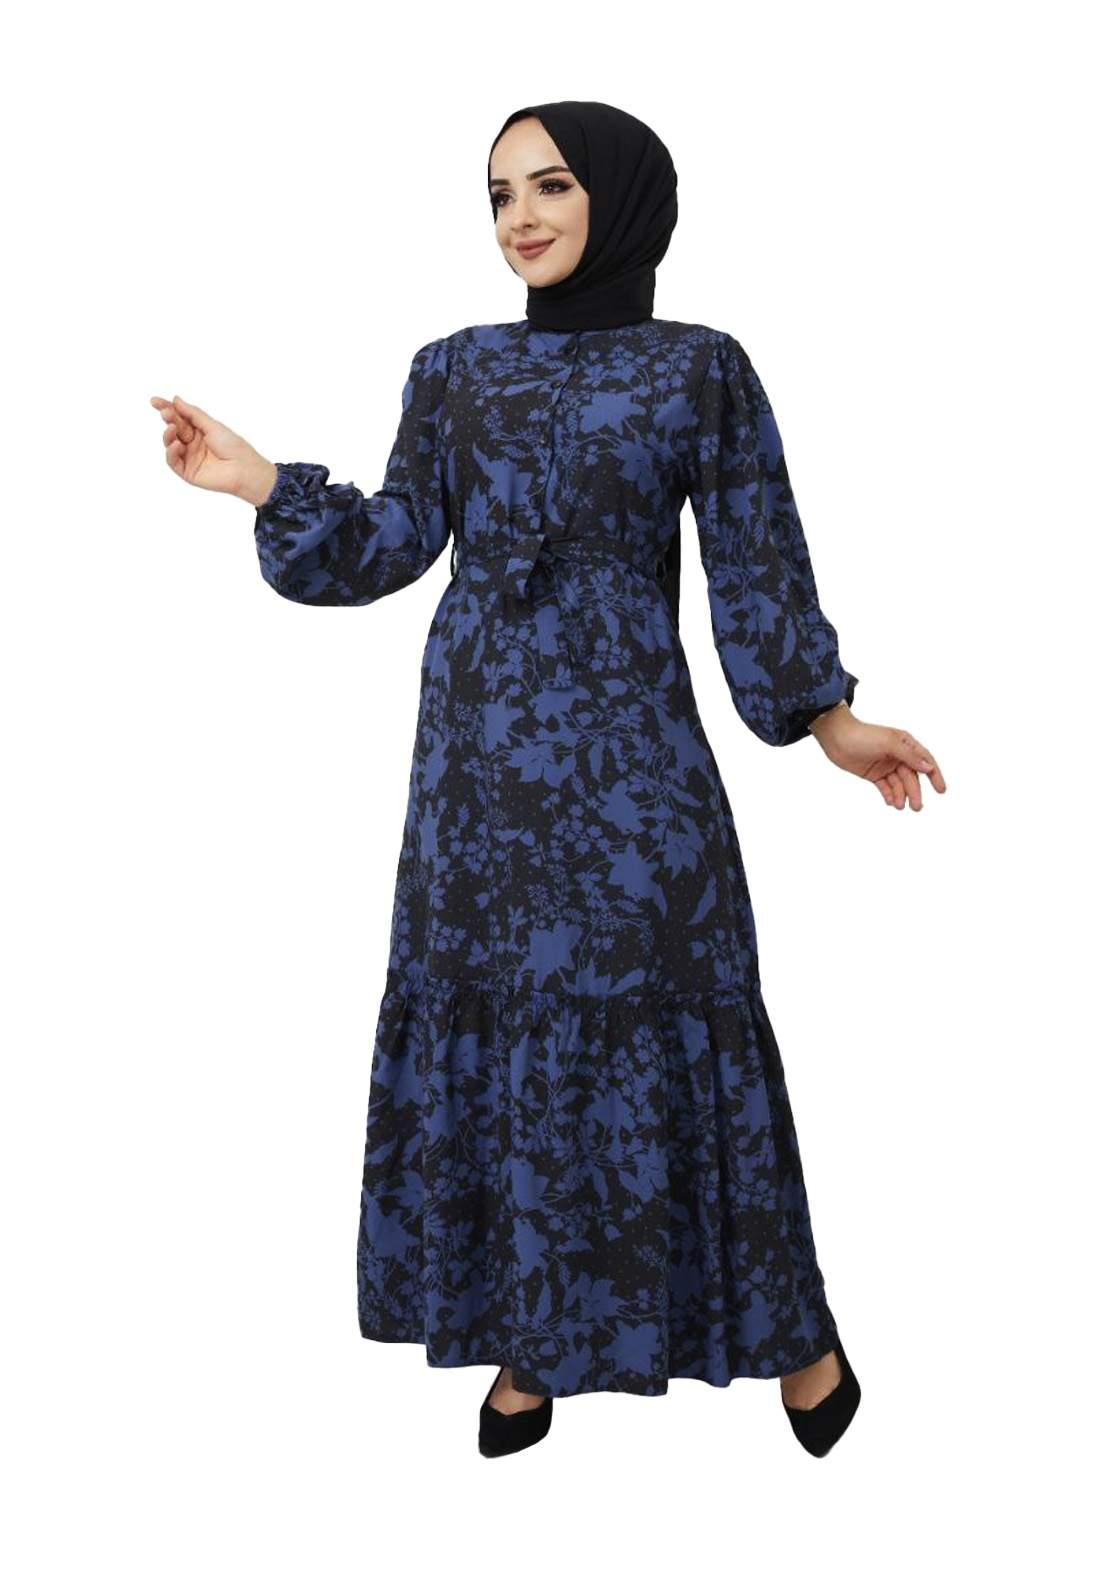 فستان نسائي طويل نيلي وأسود أللون